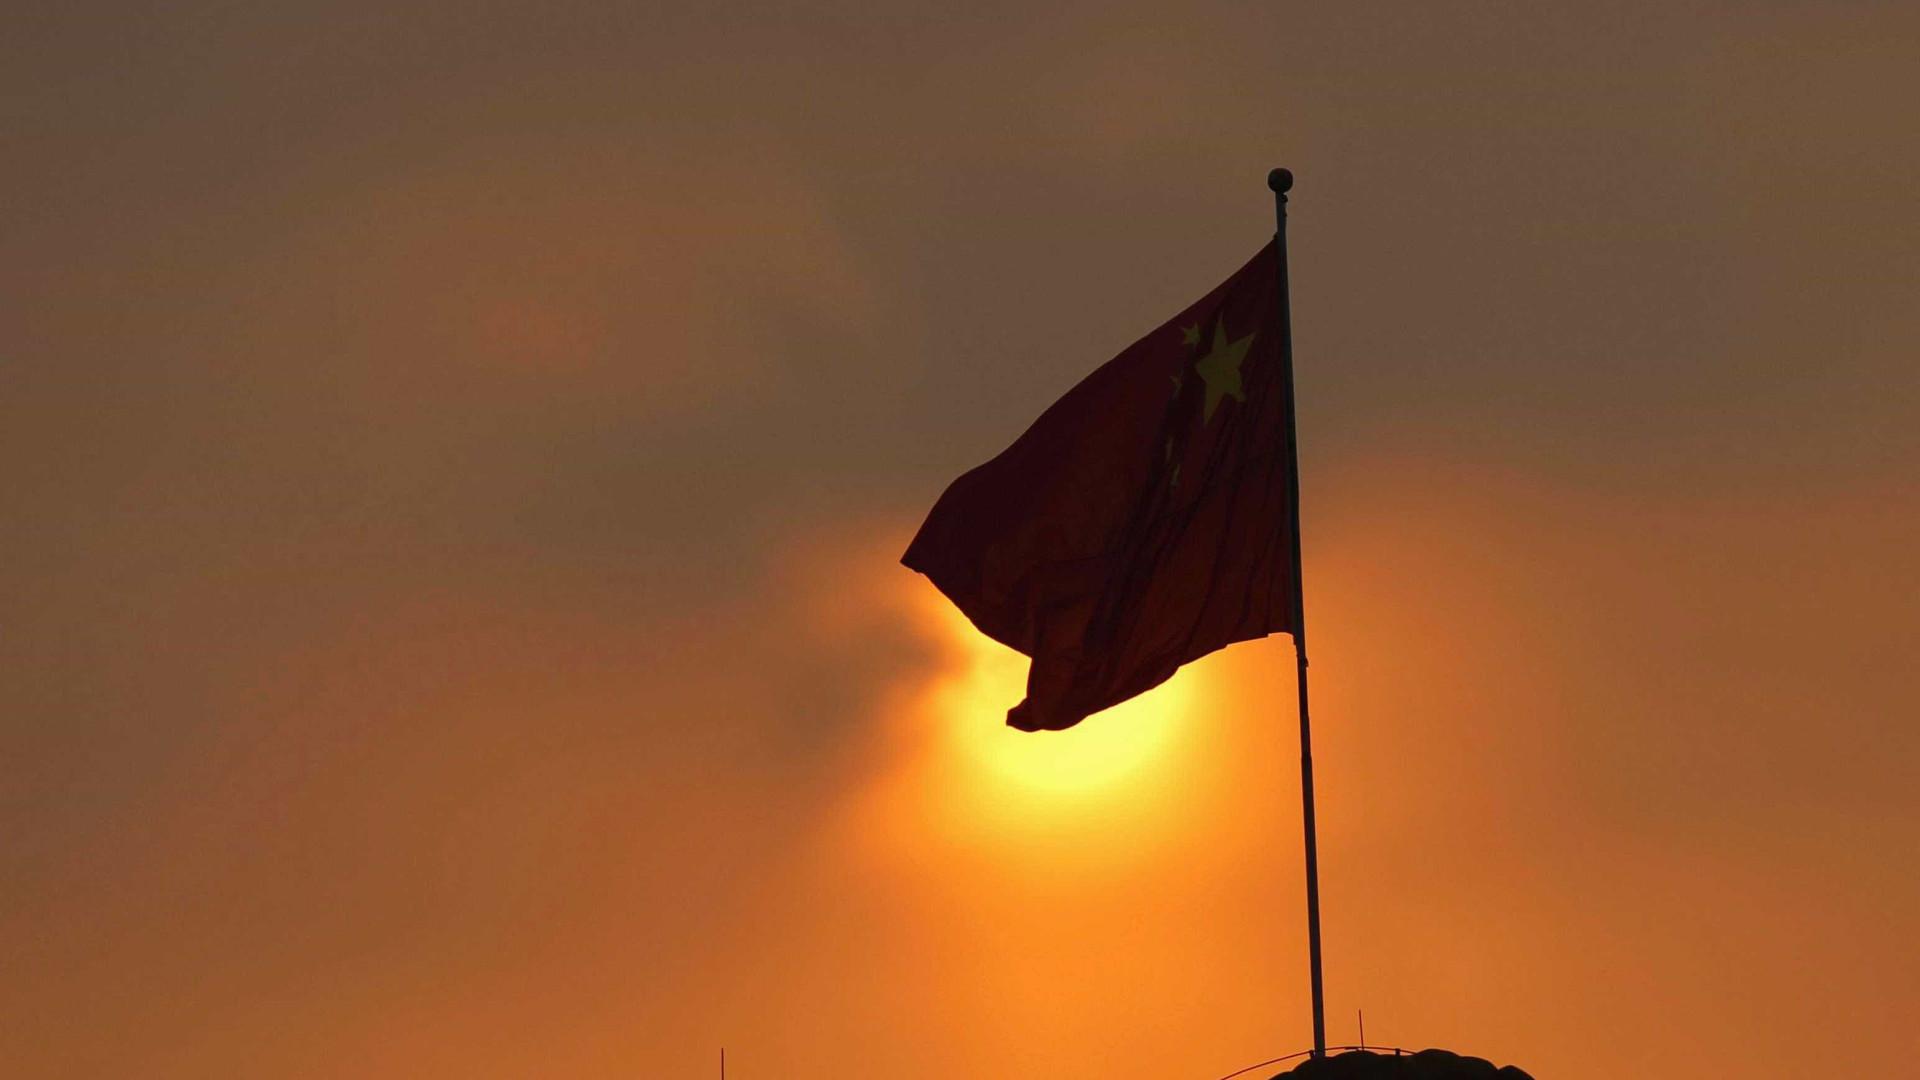 Taxa de desemprego nas cidades chinesa recua para 4,8% em maio